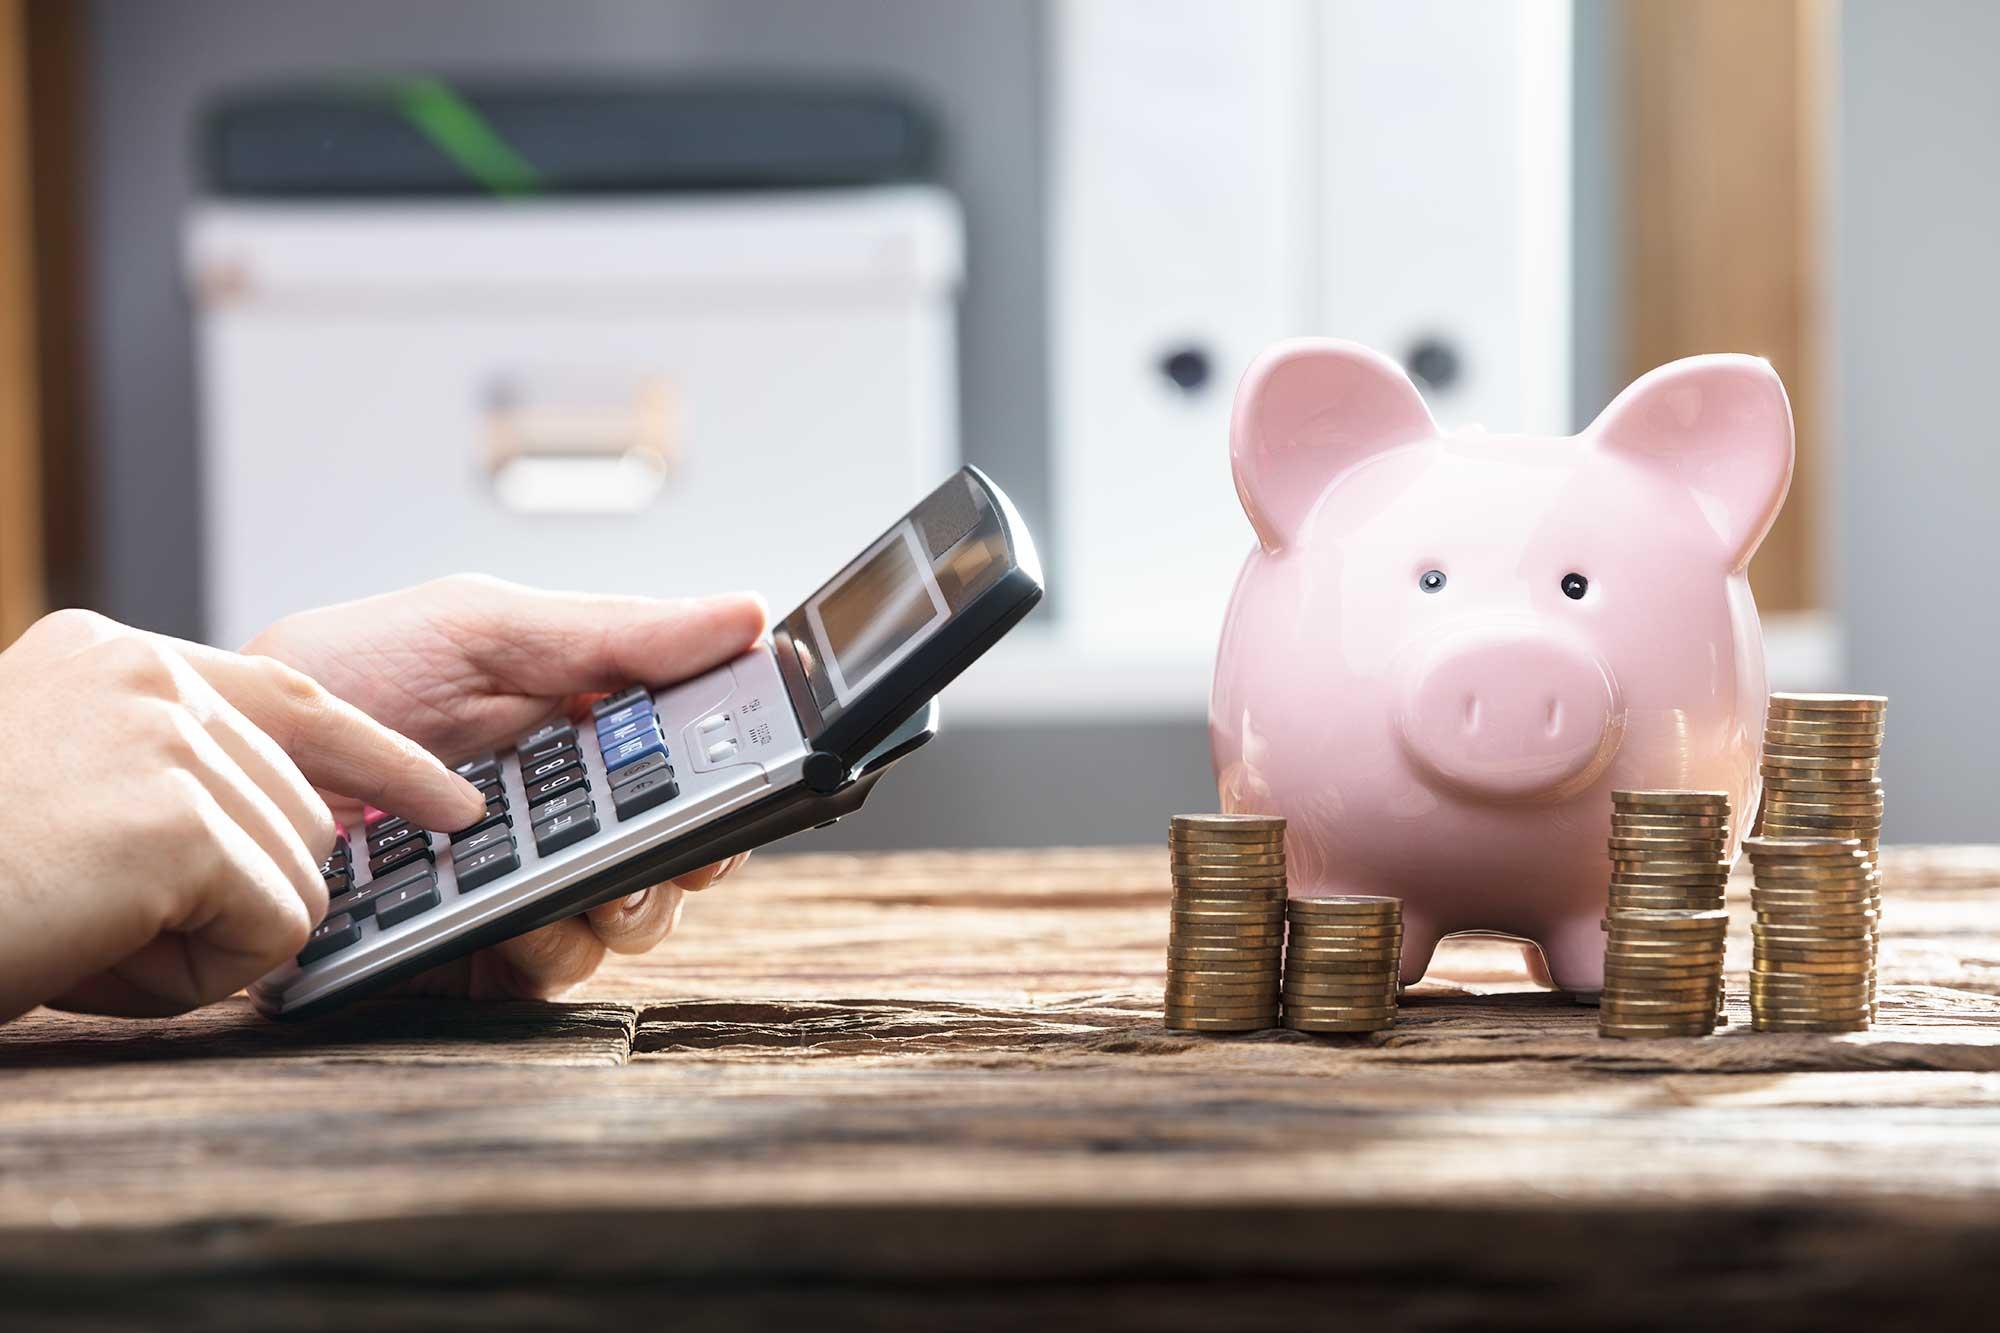 対策3. 利益を上げる方法を考える(スタイルの変更)